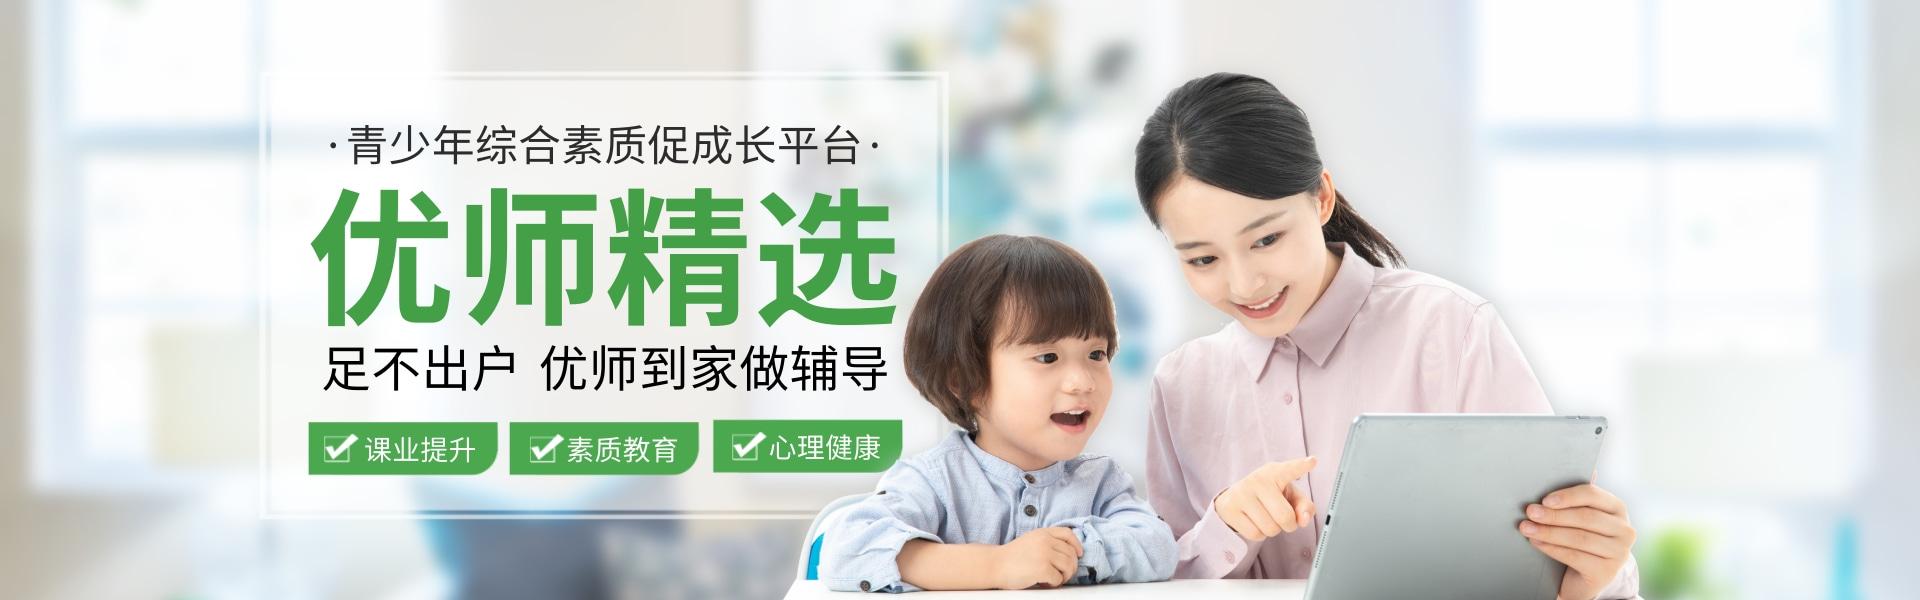 写实风家政服务宣传PC端banner.jpg